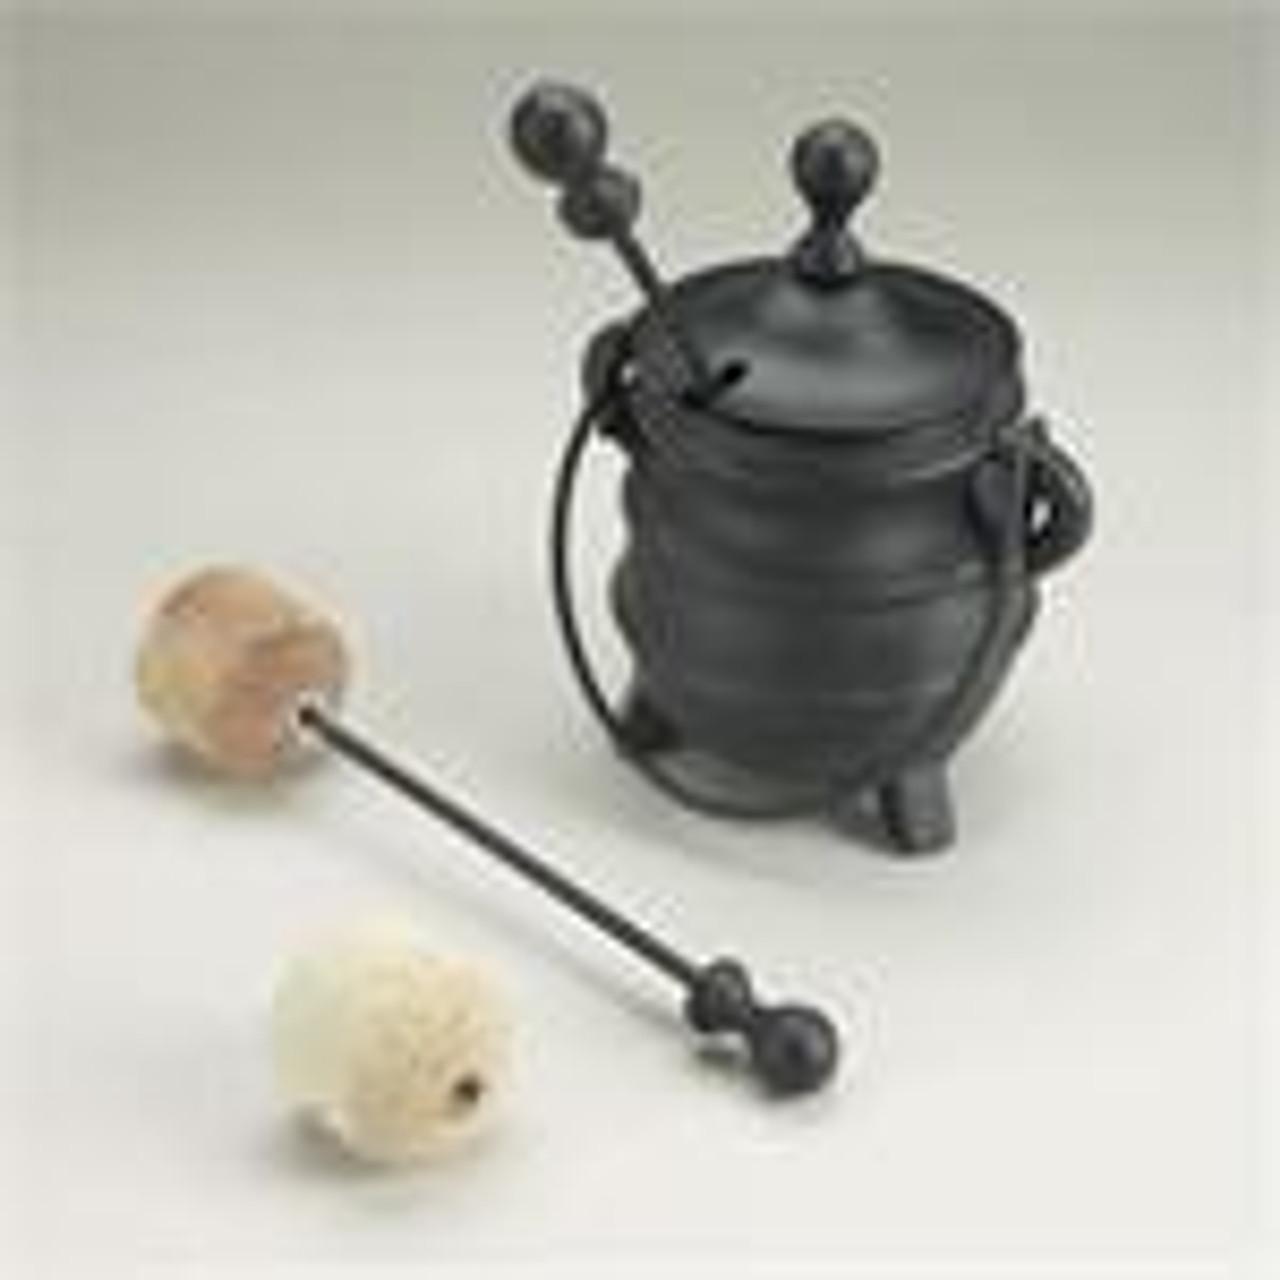 Cast Iron Fire Pot